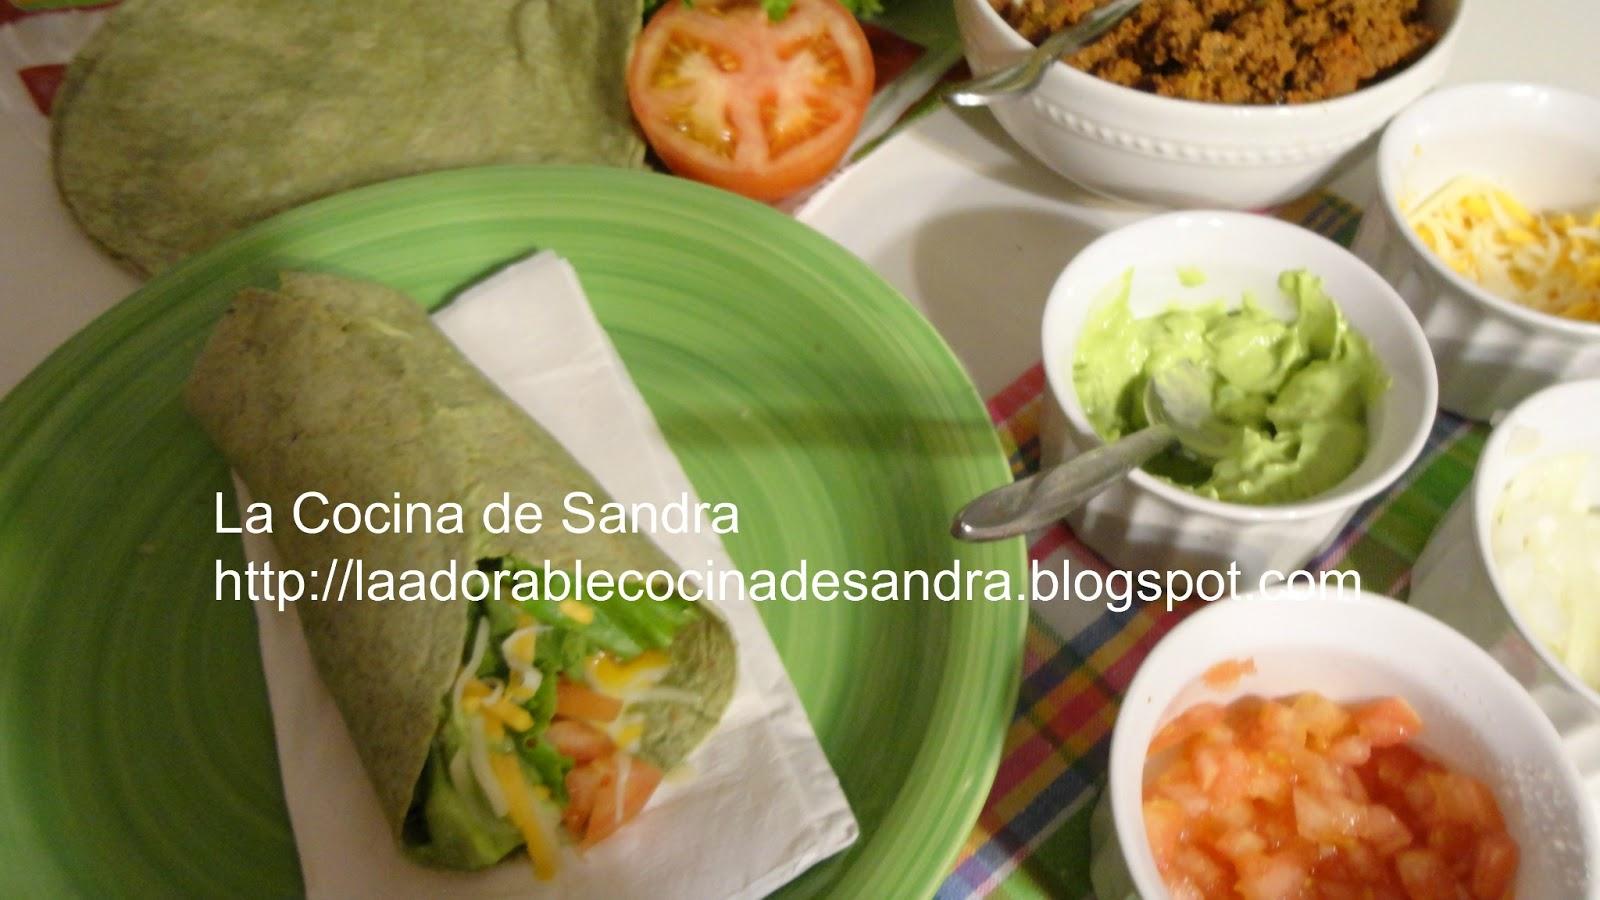 La Cocina de Sandra: Wraps de Espinaca